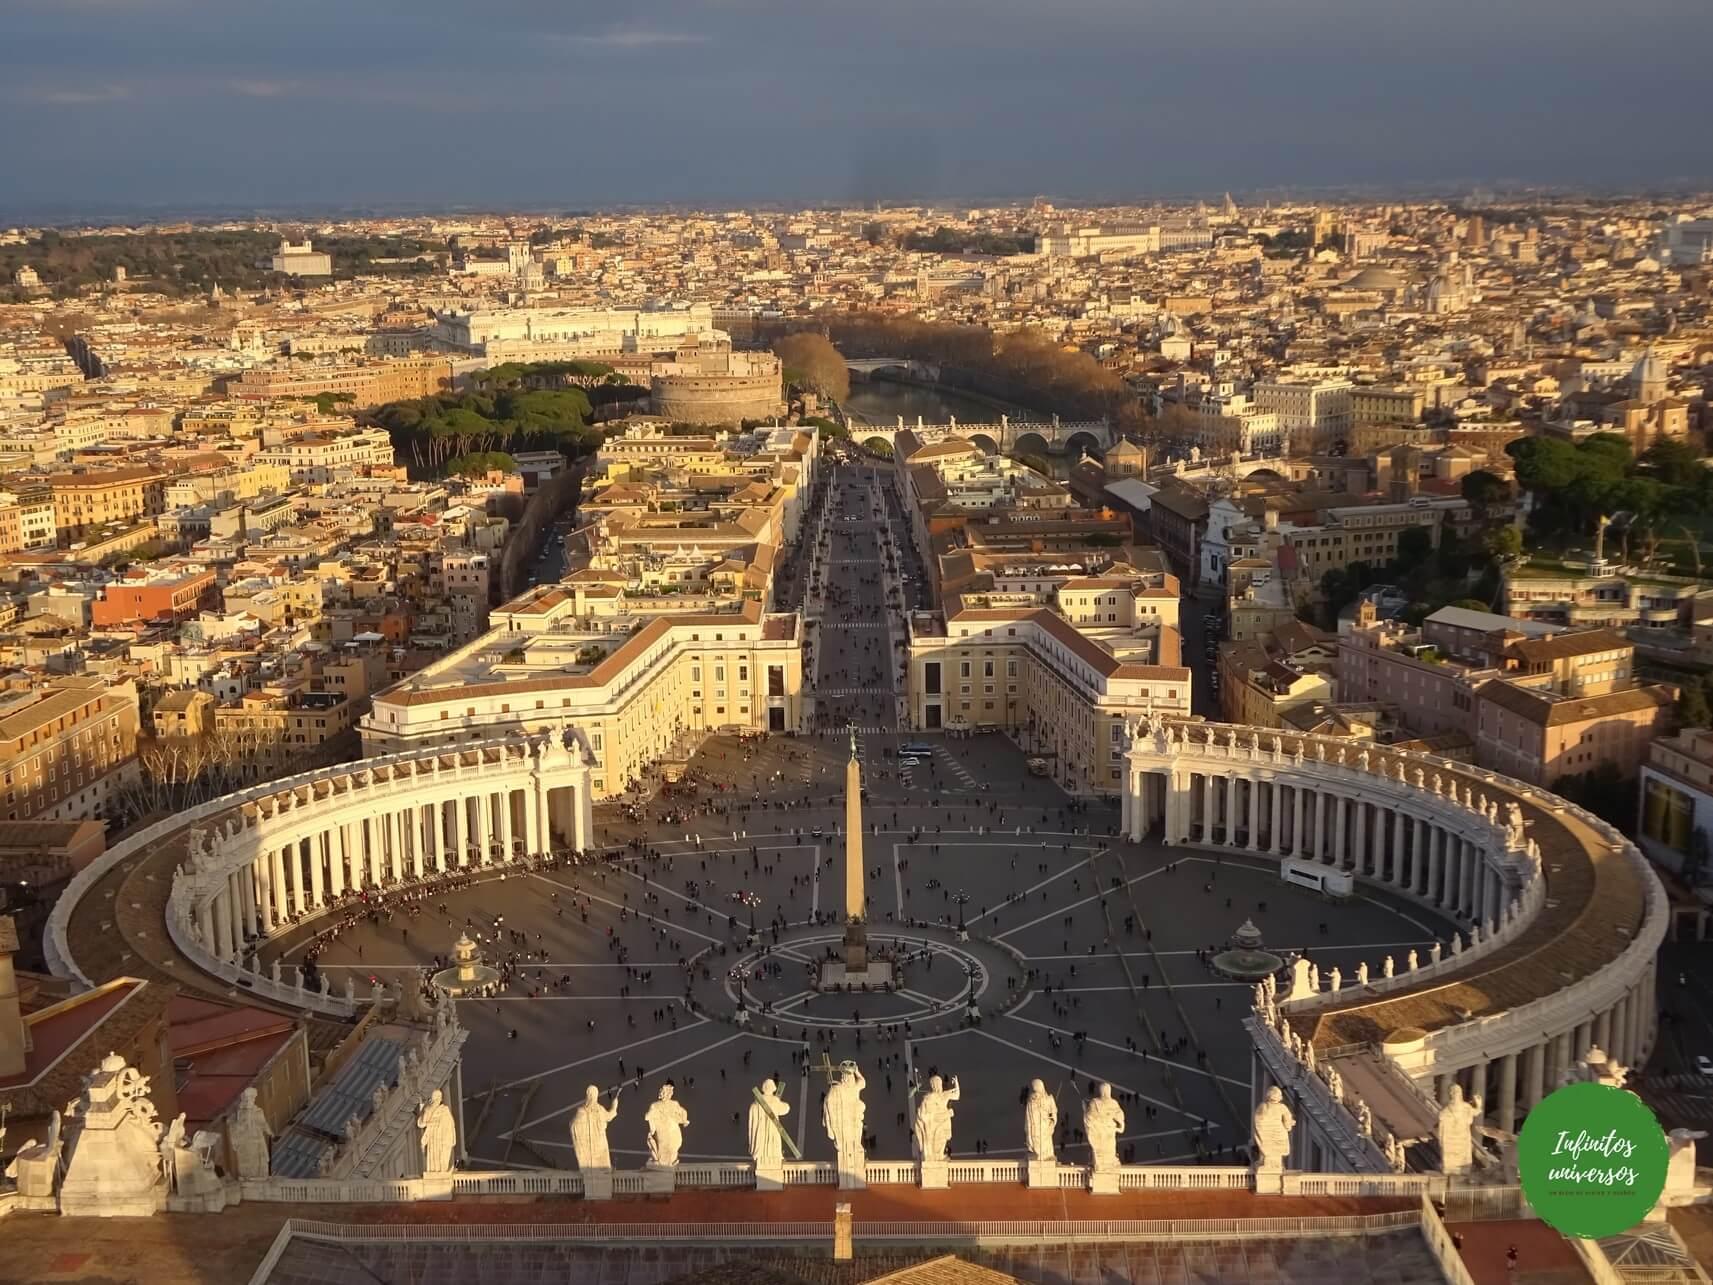 Plaza de San Pedro desde la cúpula - Qué ver en el Vaticano - Europa en verano